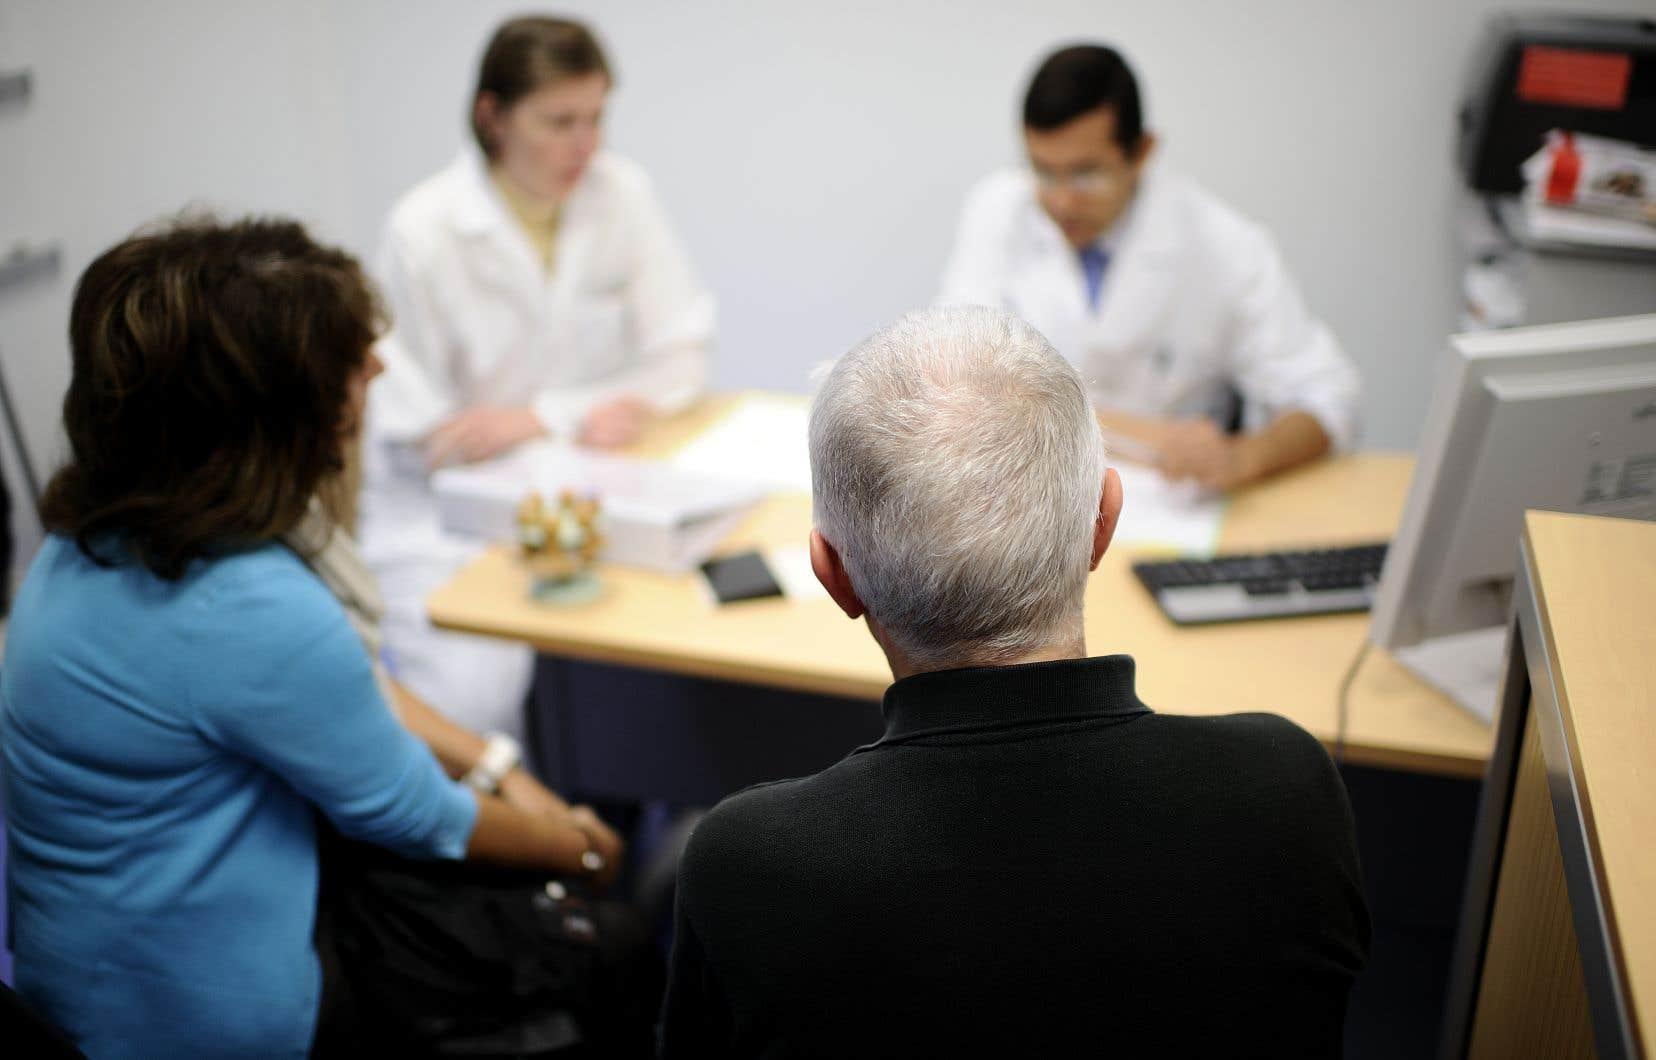 Près de la moitié des réseaux locaux de service du Québec, soit 43 sur 93, atteignent l'objectif de donner un médecin de famille à 85% de leurs citoyens. Ils n'étaient que 9 en 2014.